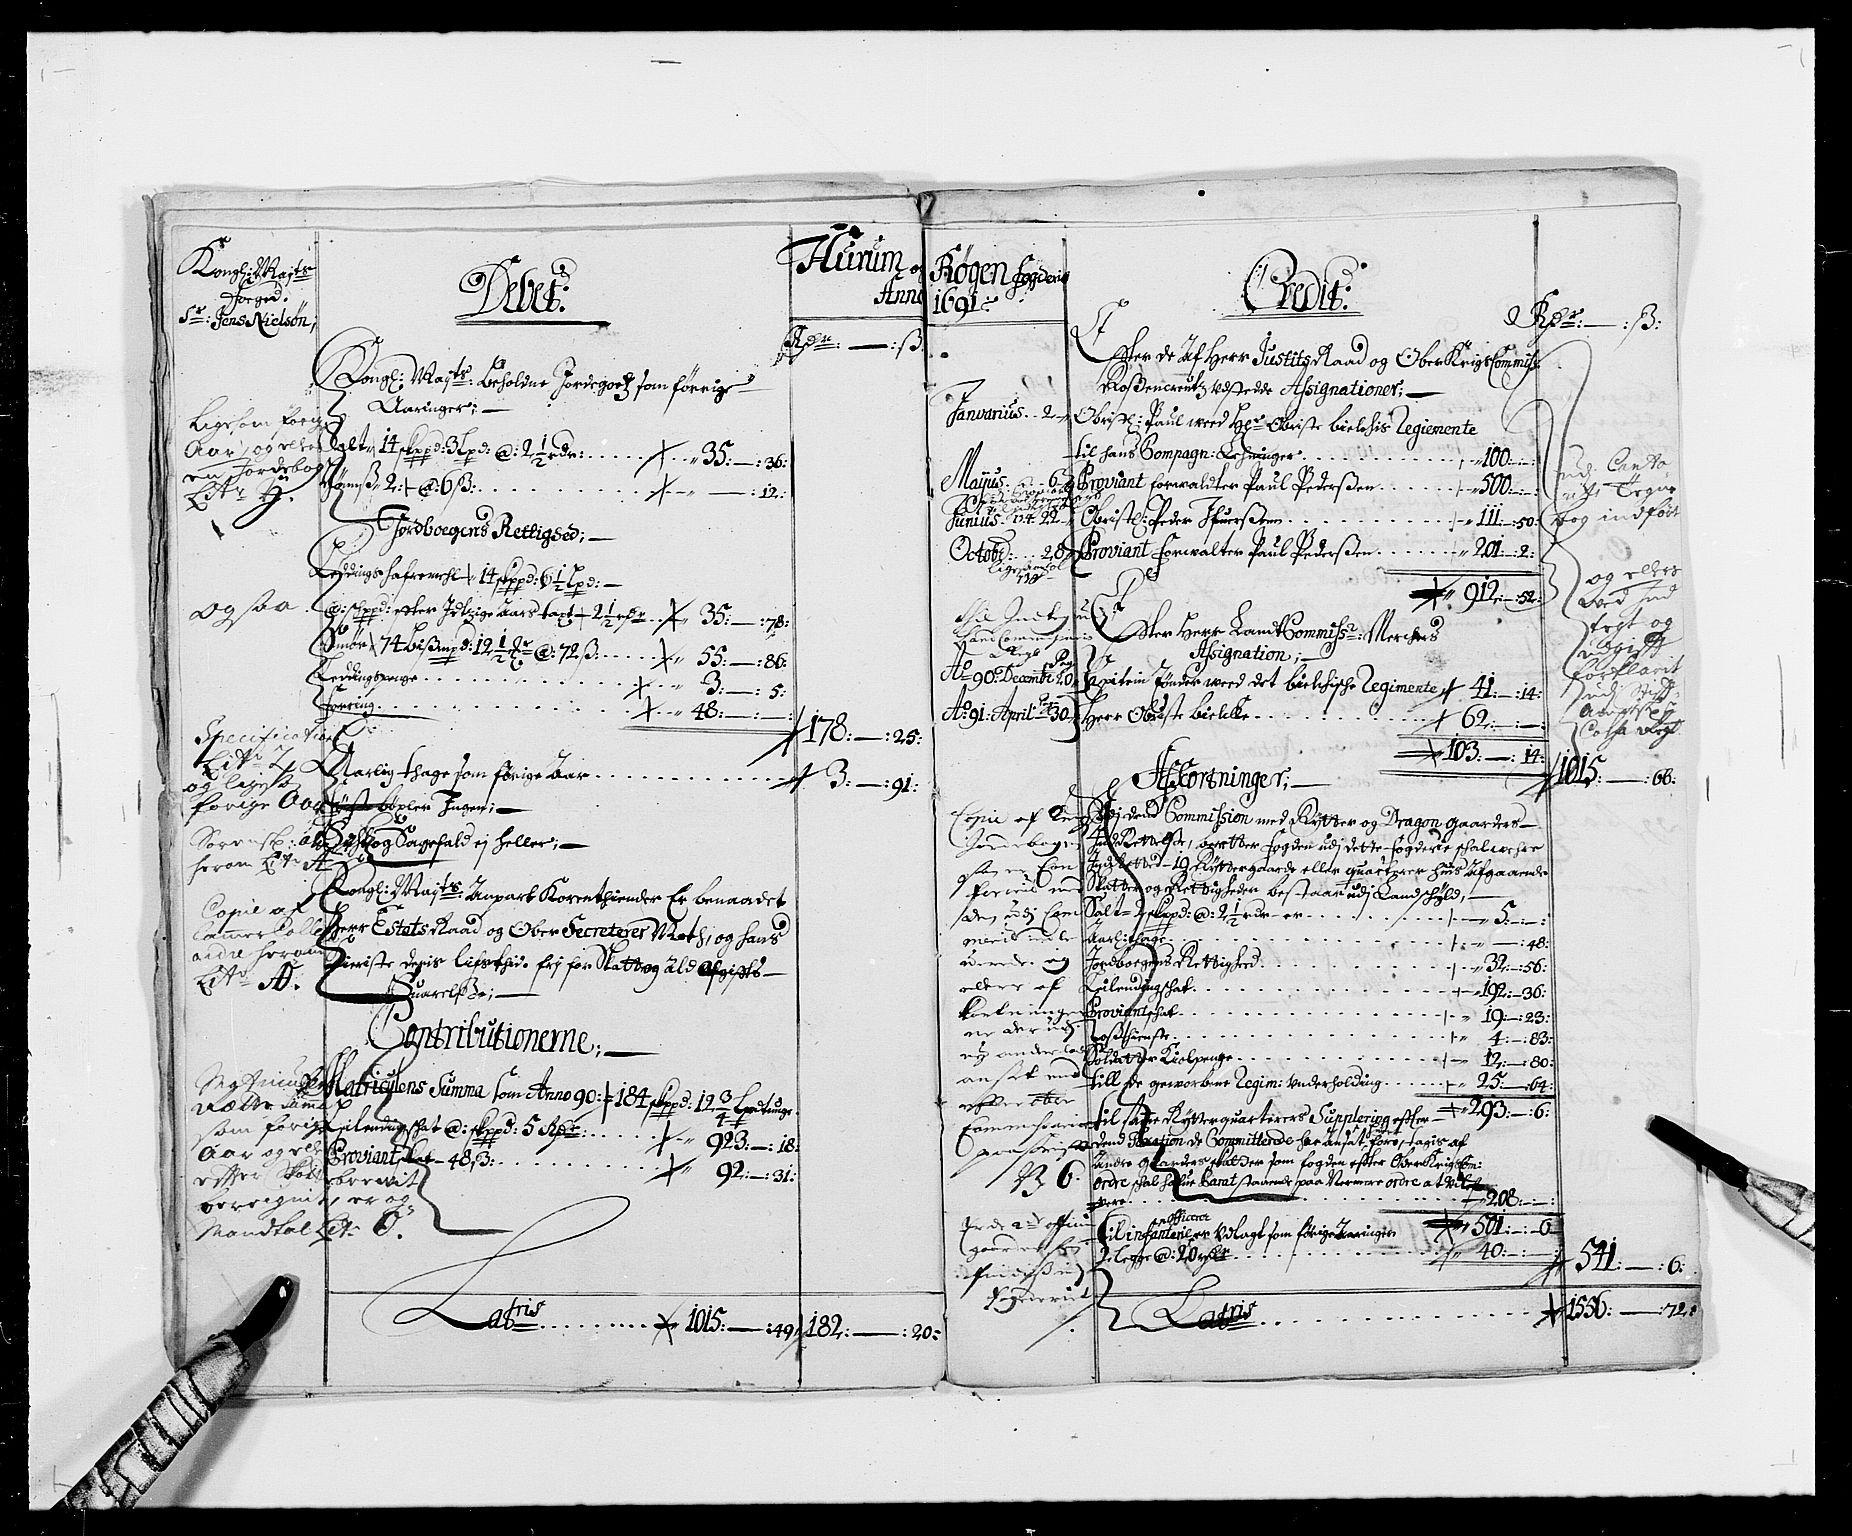 RA, Rentekammeret inntil 1814, Reviderte regnskaper, Fogderegnskap, R29/L1693: Fogderegnskap Hurum og Røyken, 1688-1693, s. 11